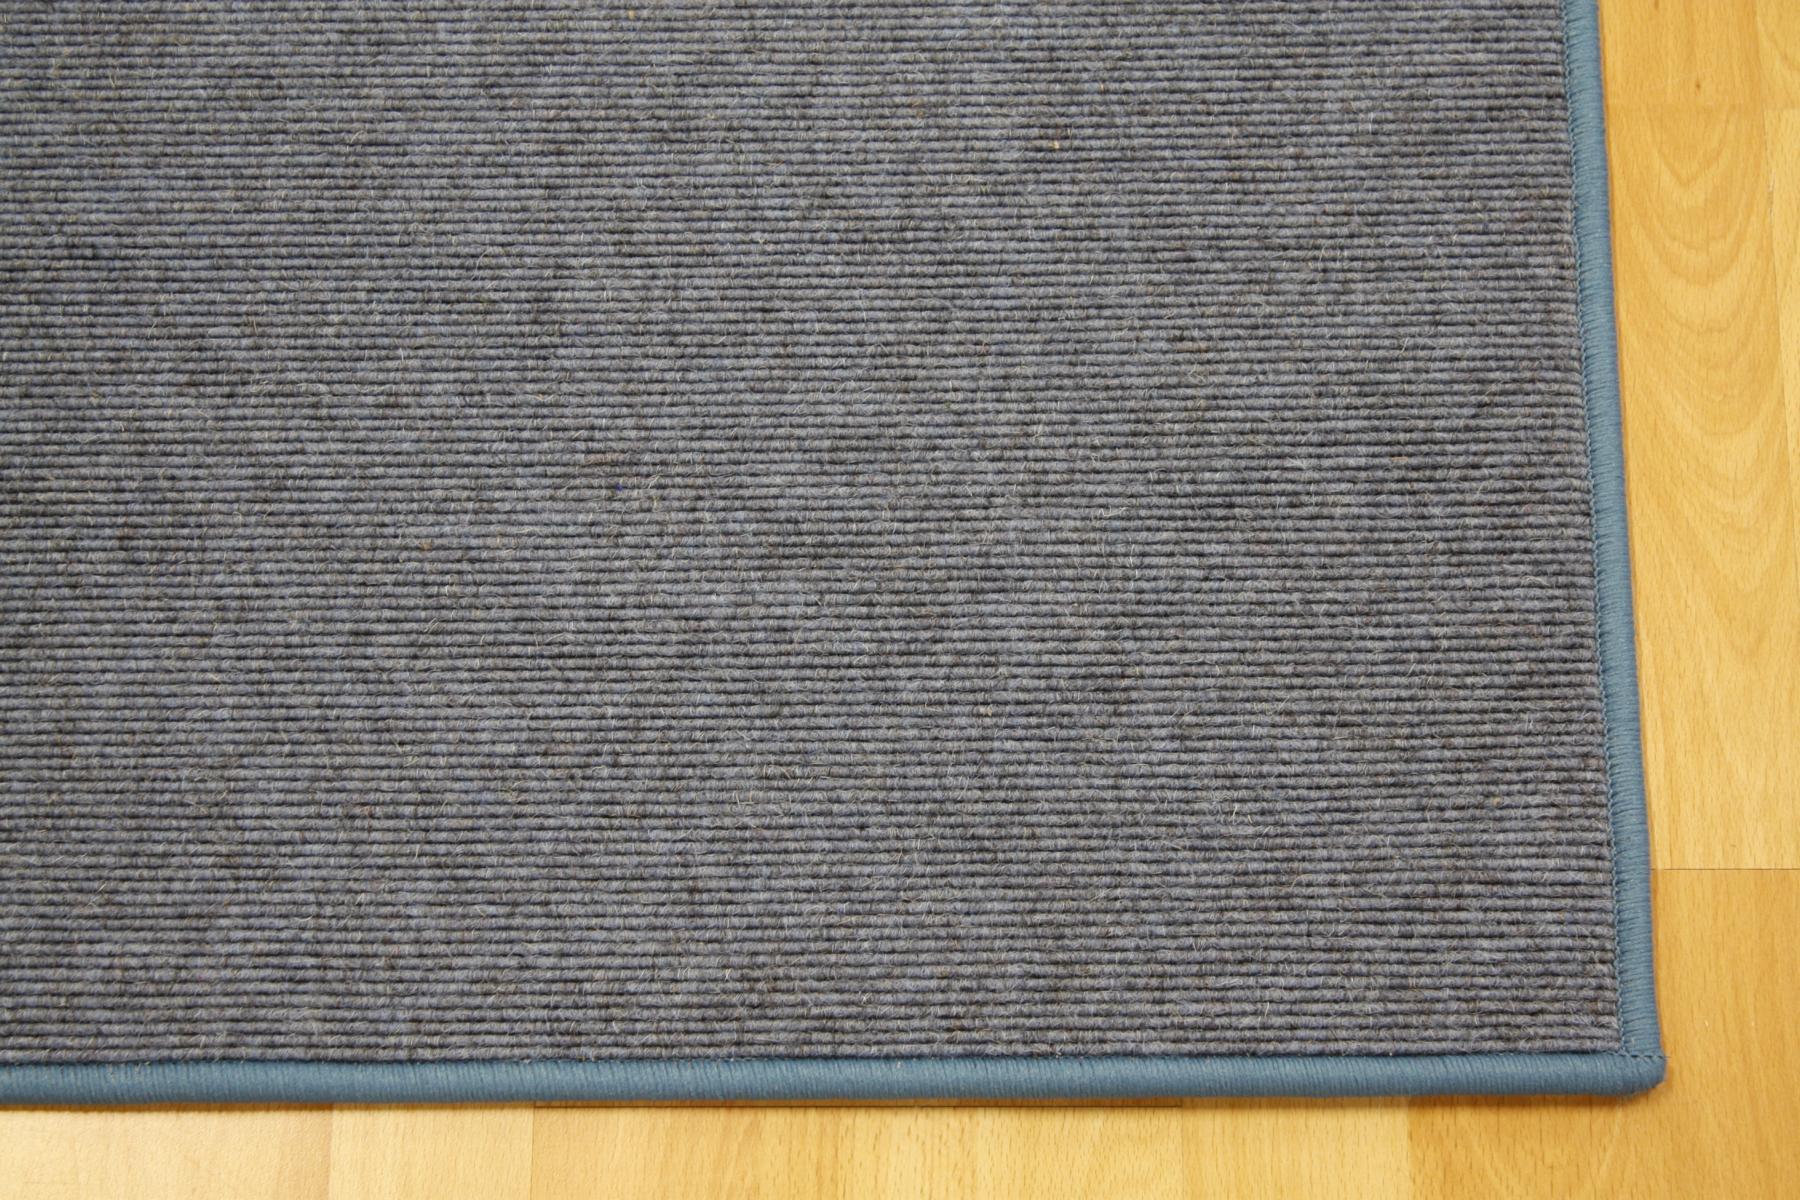 teppich tretford 514 umkettelt 150 x 200 cm ziegenhaar interland ebay. Black Bedroom Furniture Sets. Home Design Ideas